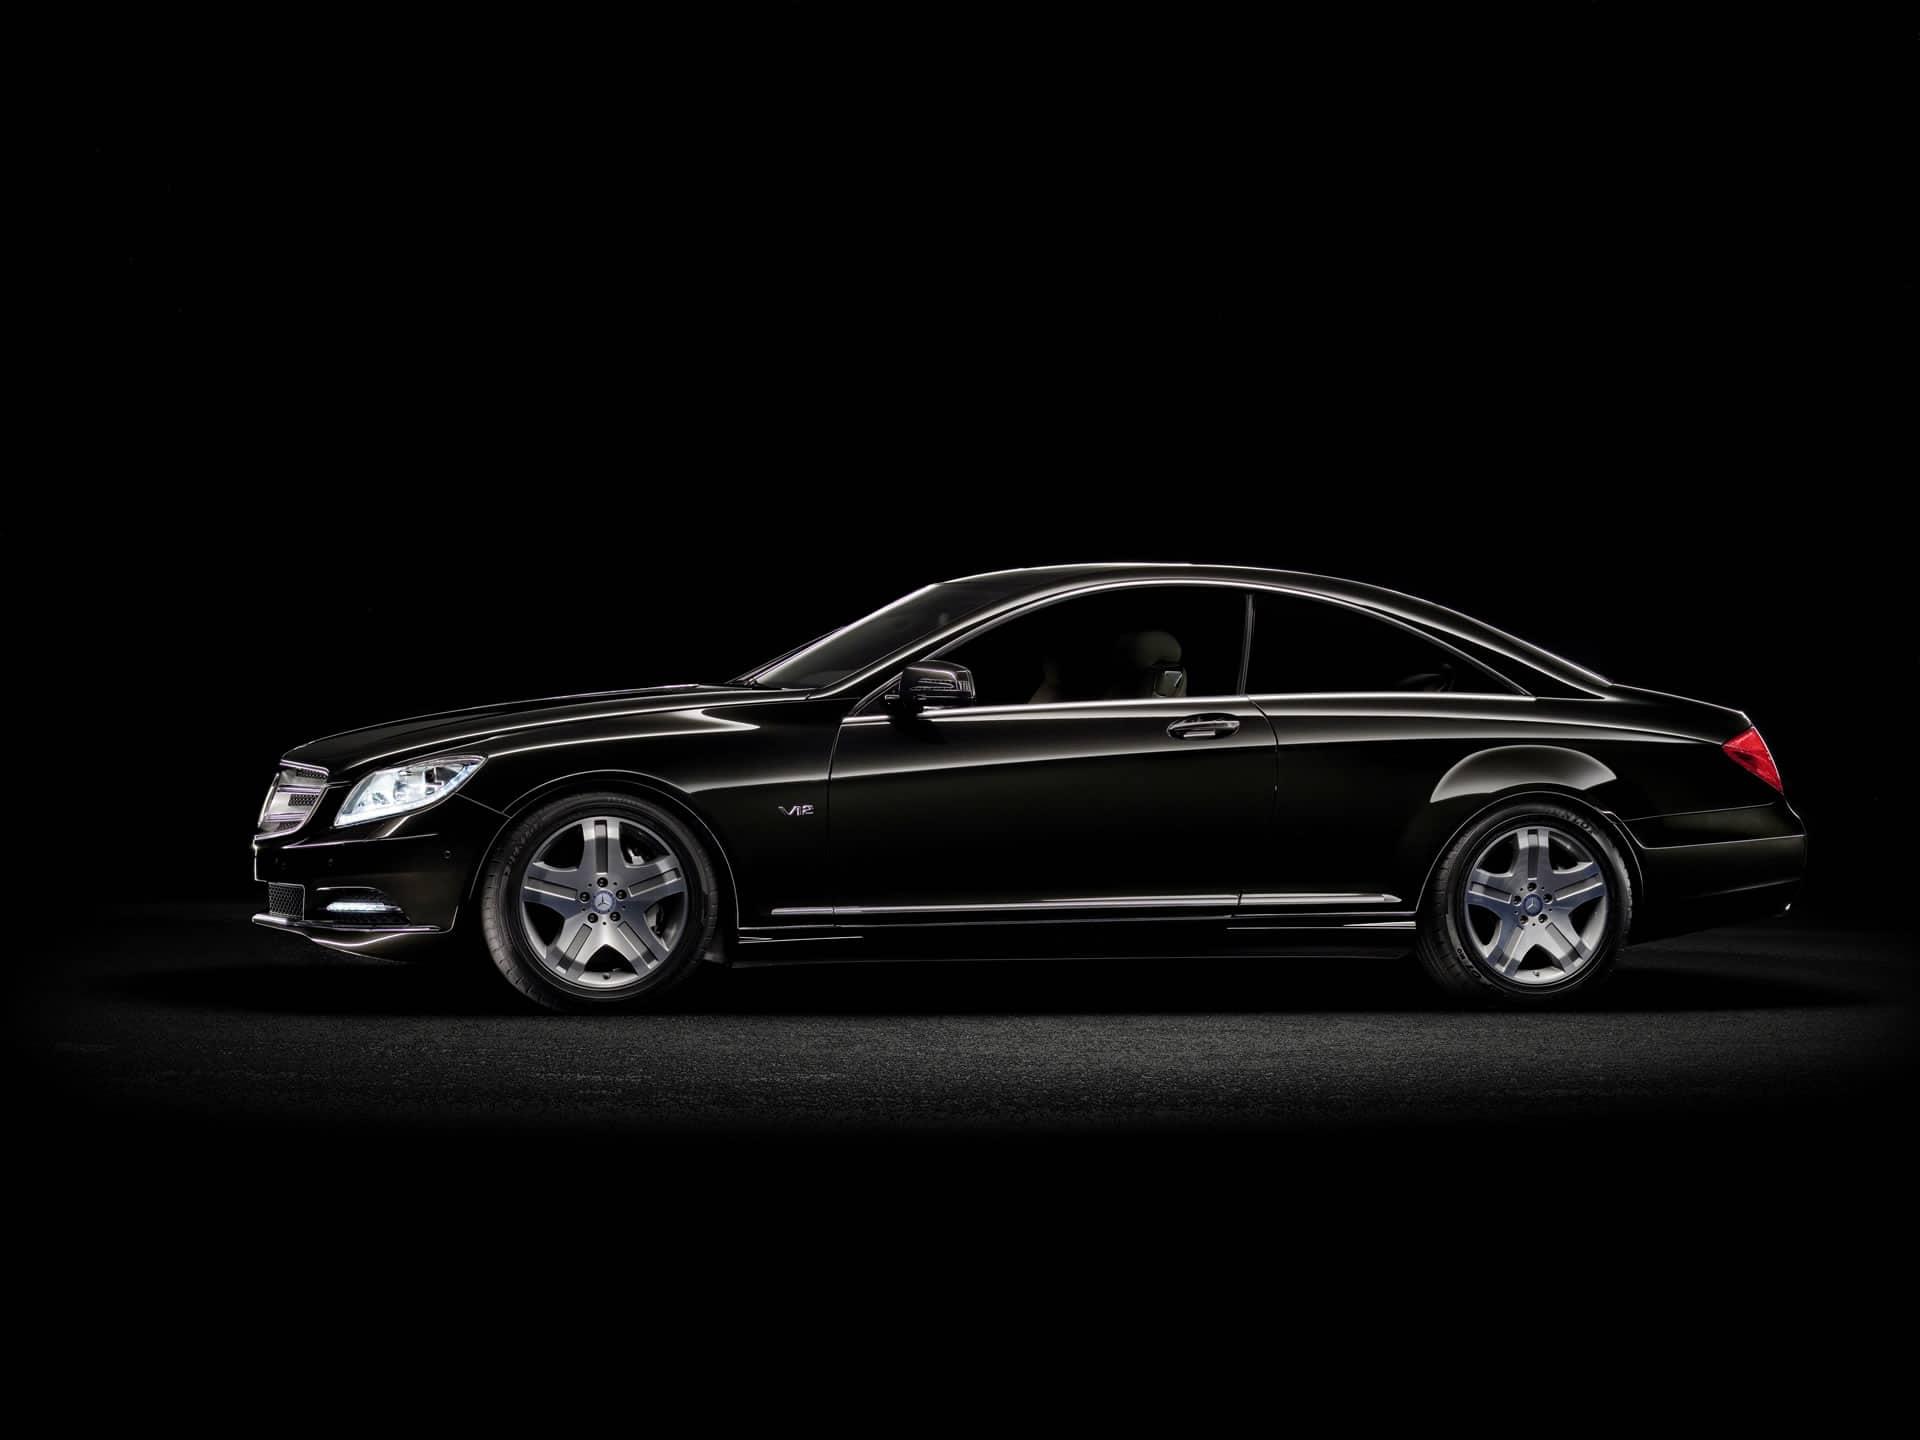 Neues Modell Der Mercedes-Benz CL-Klasse